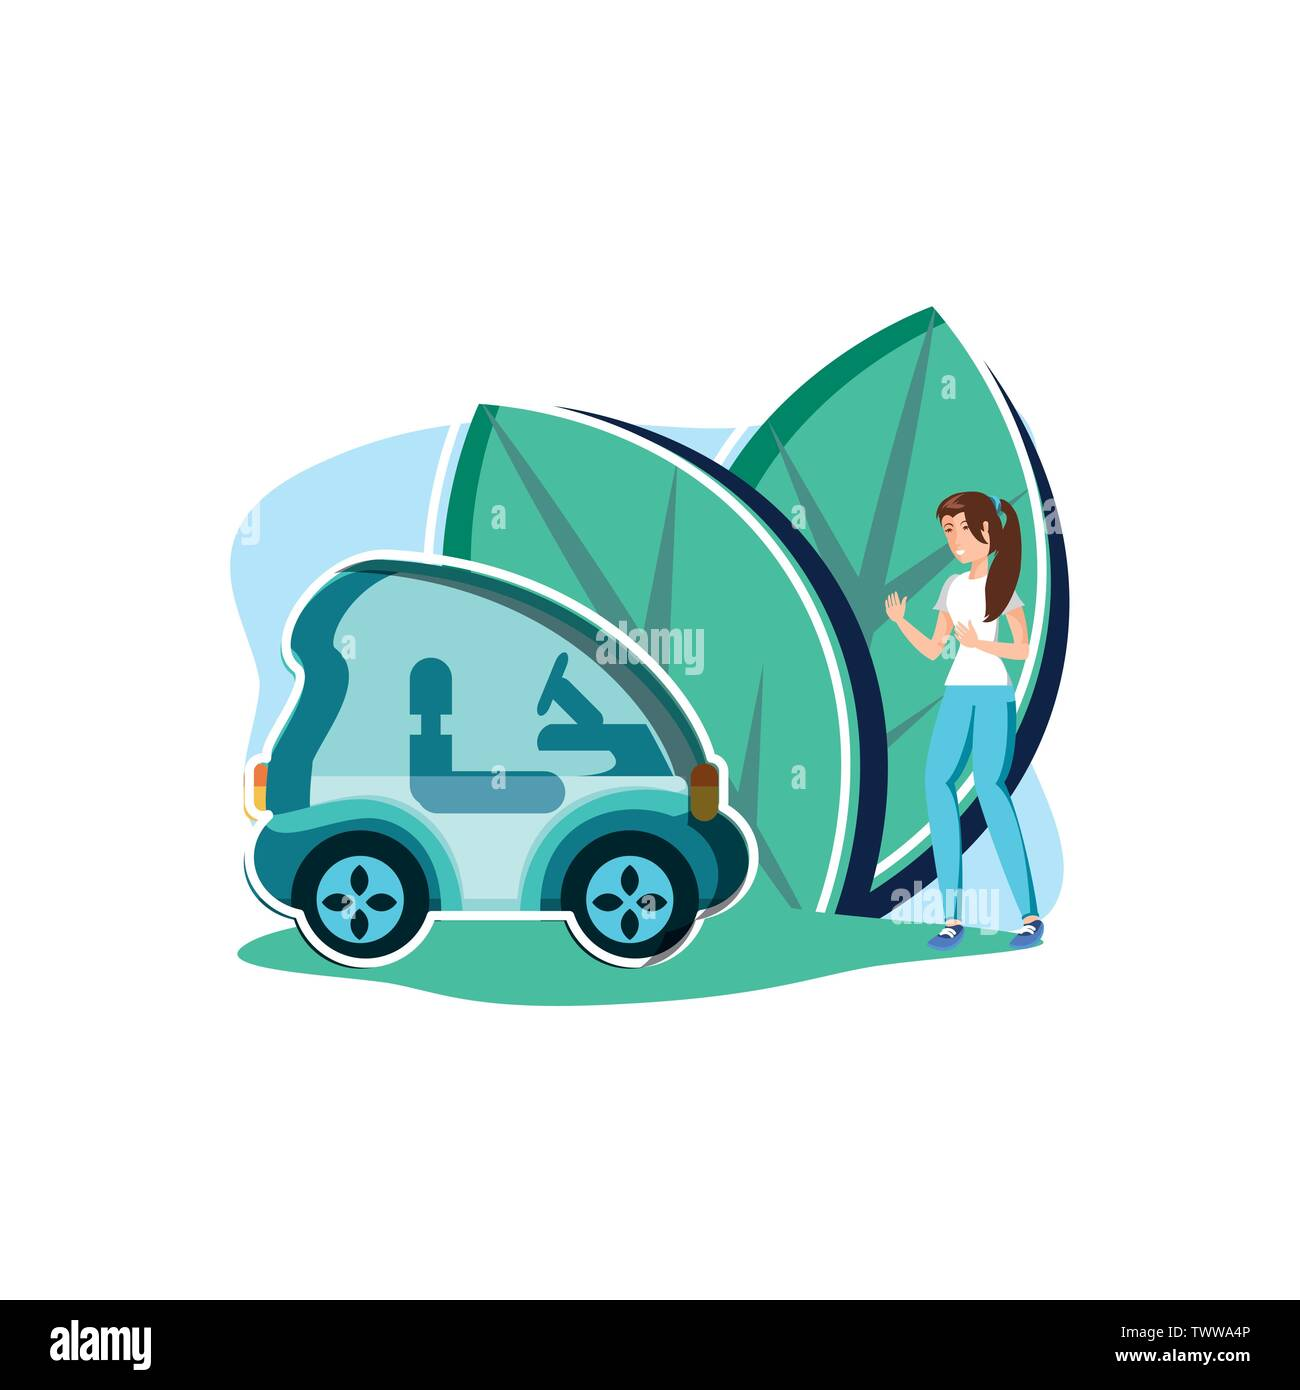 Avatar Femme et modèle de voiture, la durabilité écologique et renouvelable écologie recyclage vert thème solution Vector illustration Photo Stock